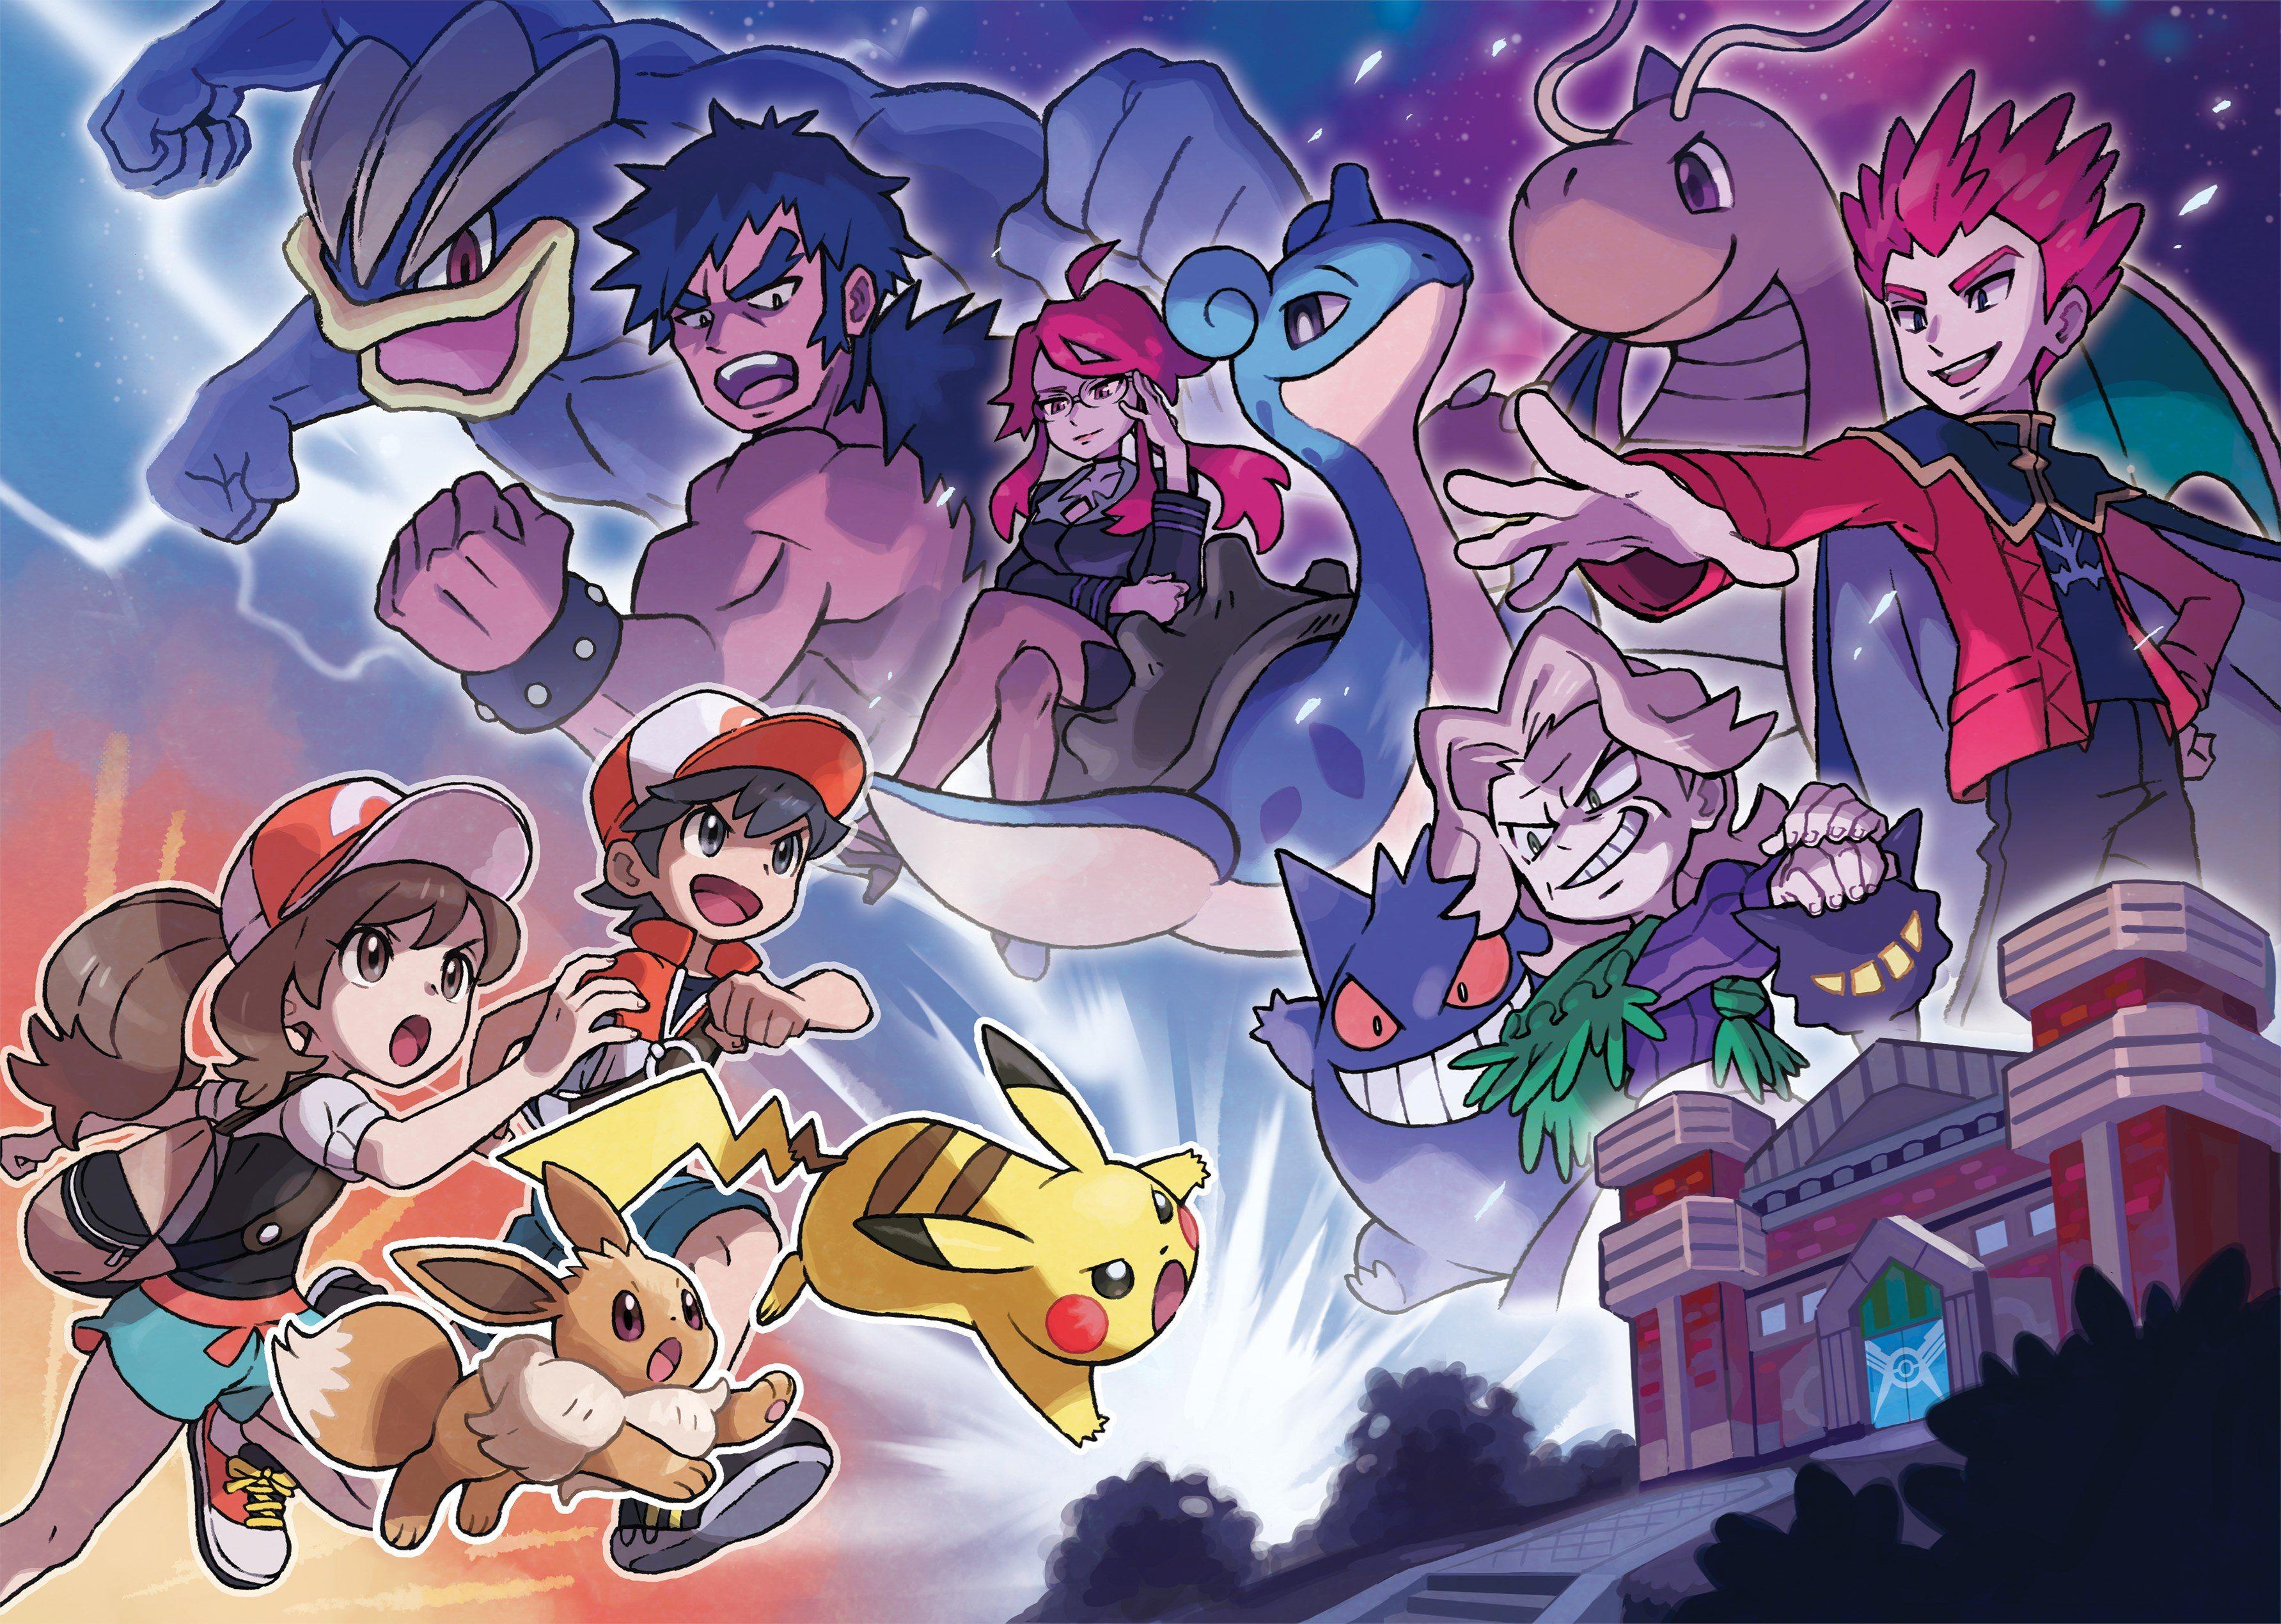 Elaine Chase Eevee And Pikachu Face Against The Kanto Elite 4 And Their Respective Pokemon Lorelei Lapras Bruno Machamp Fotos Do Pokemon Pikachu Pokemon